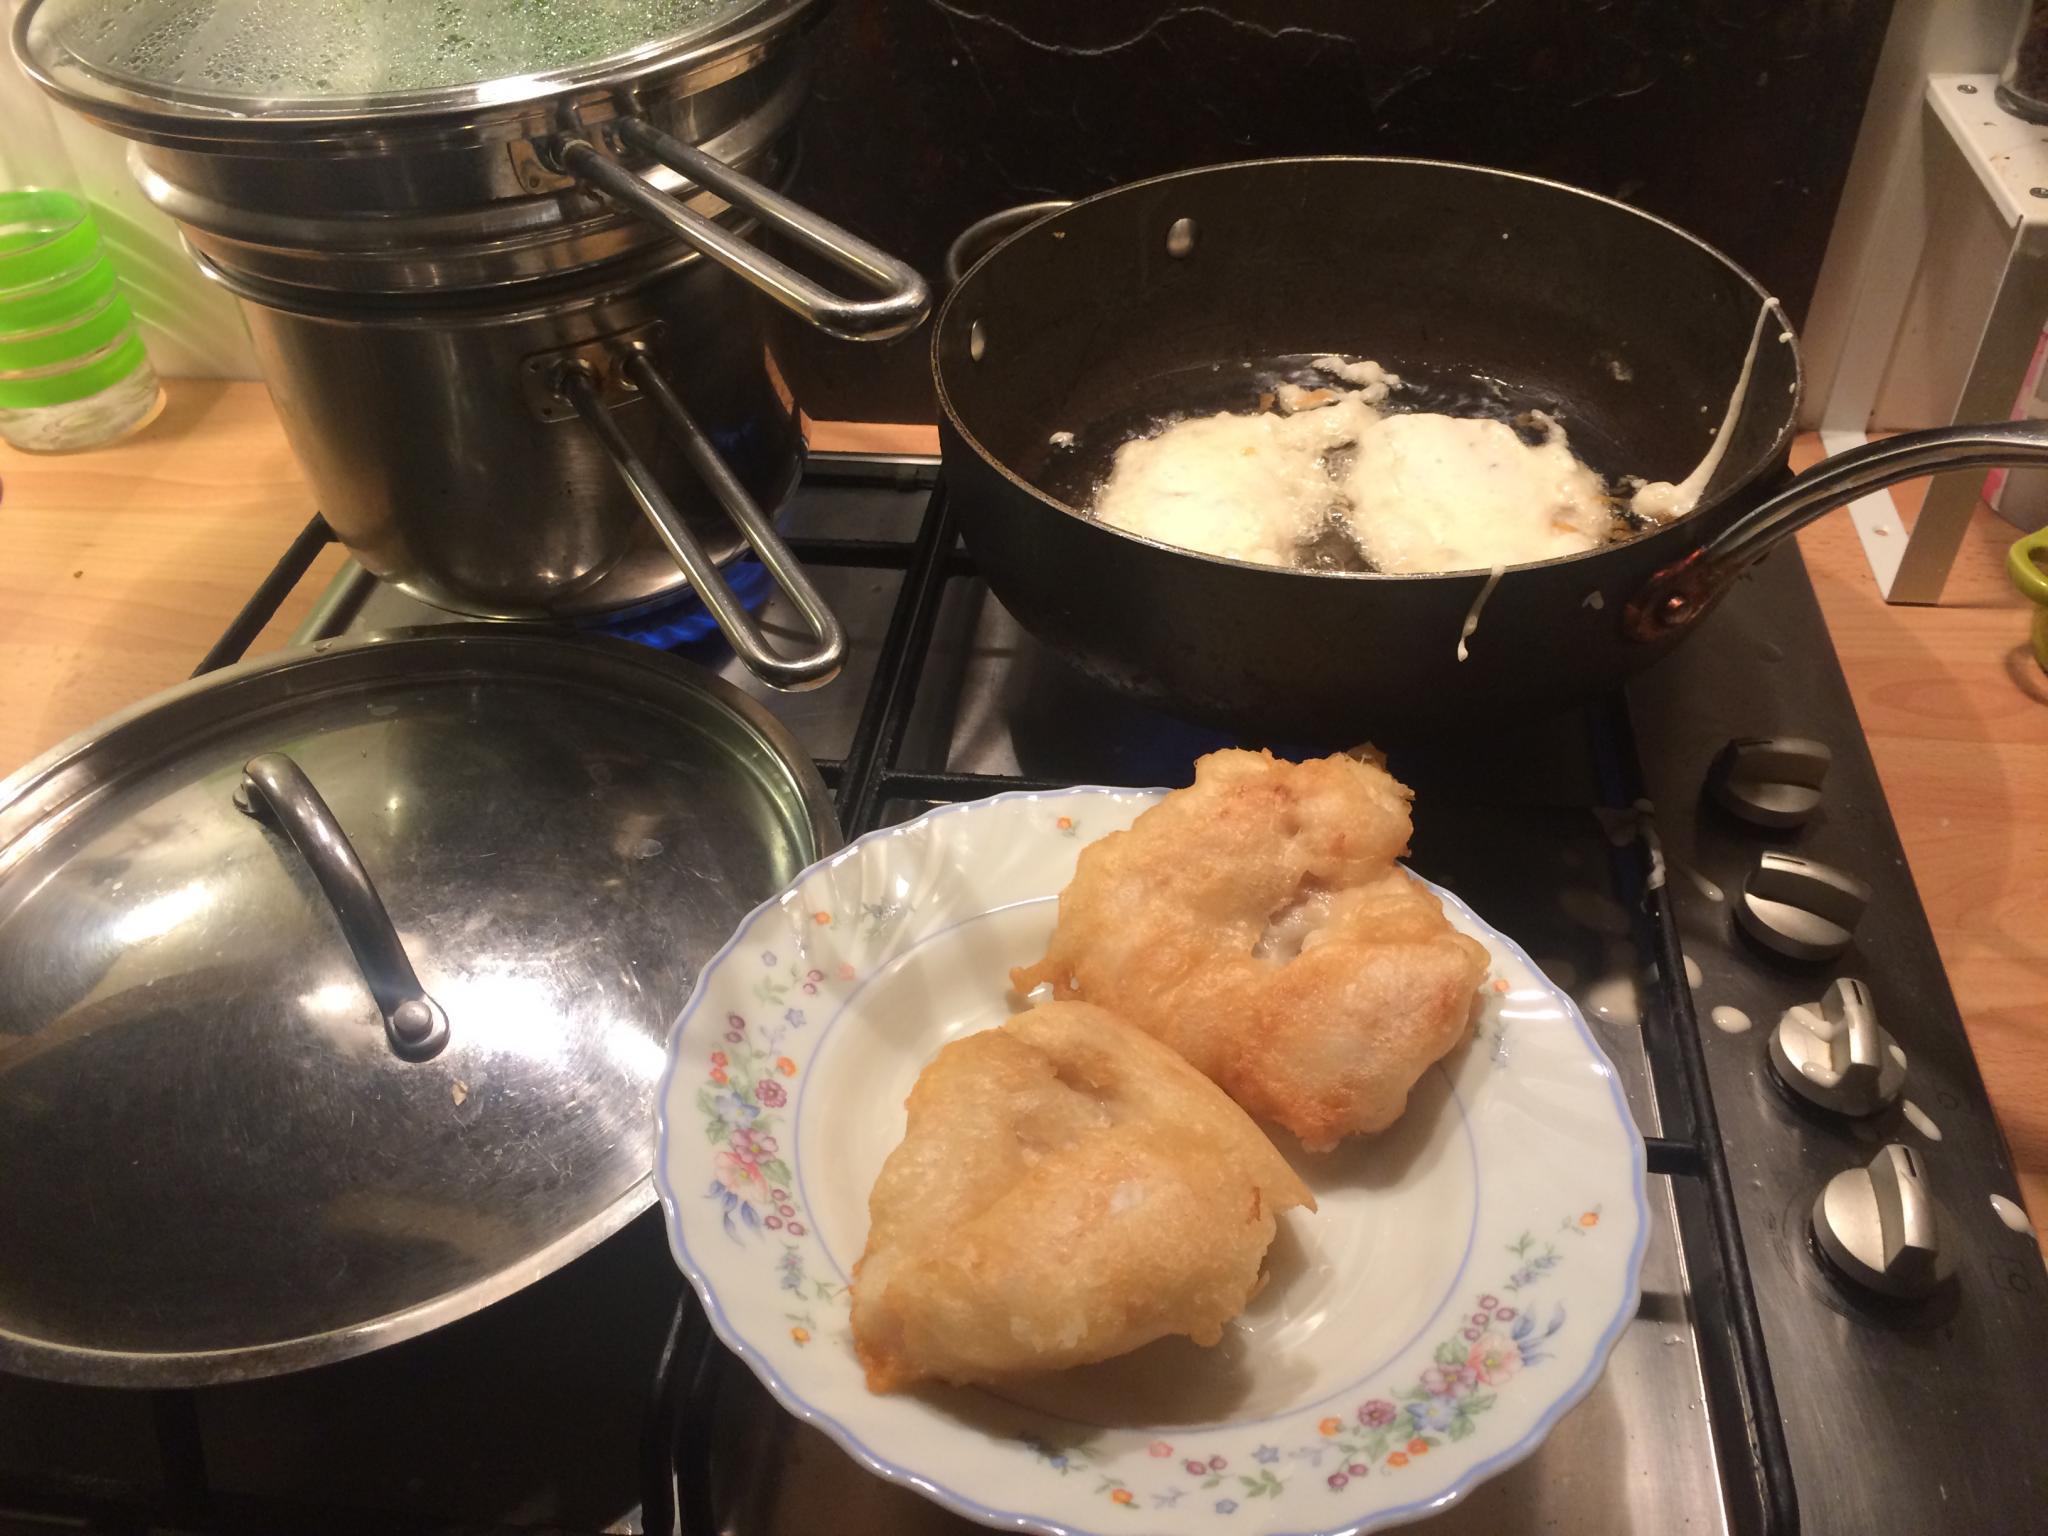 Dinner-image2-jpg